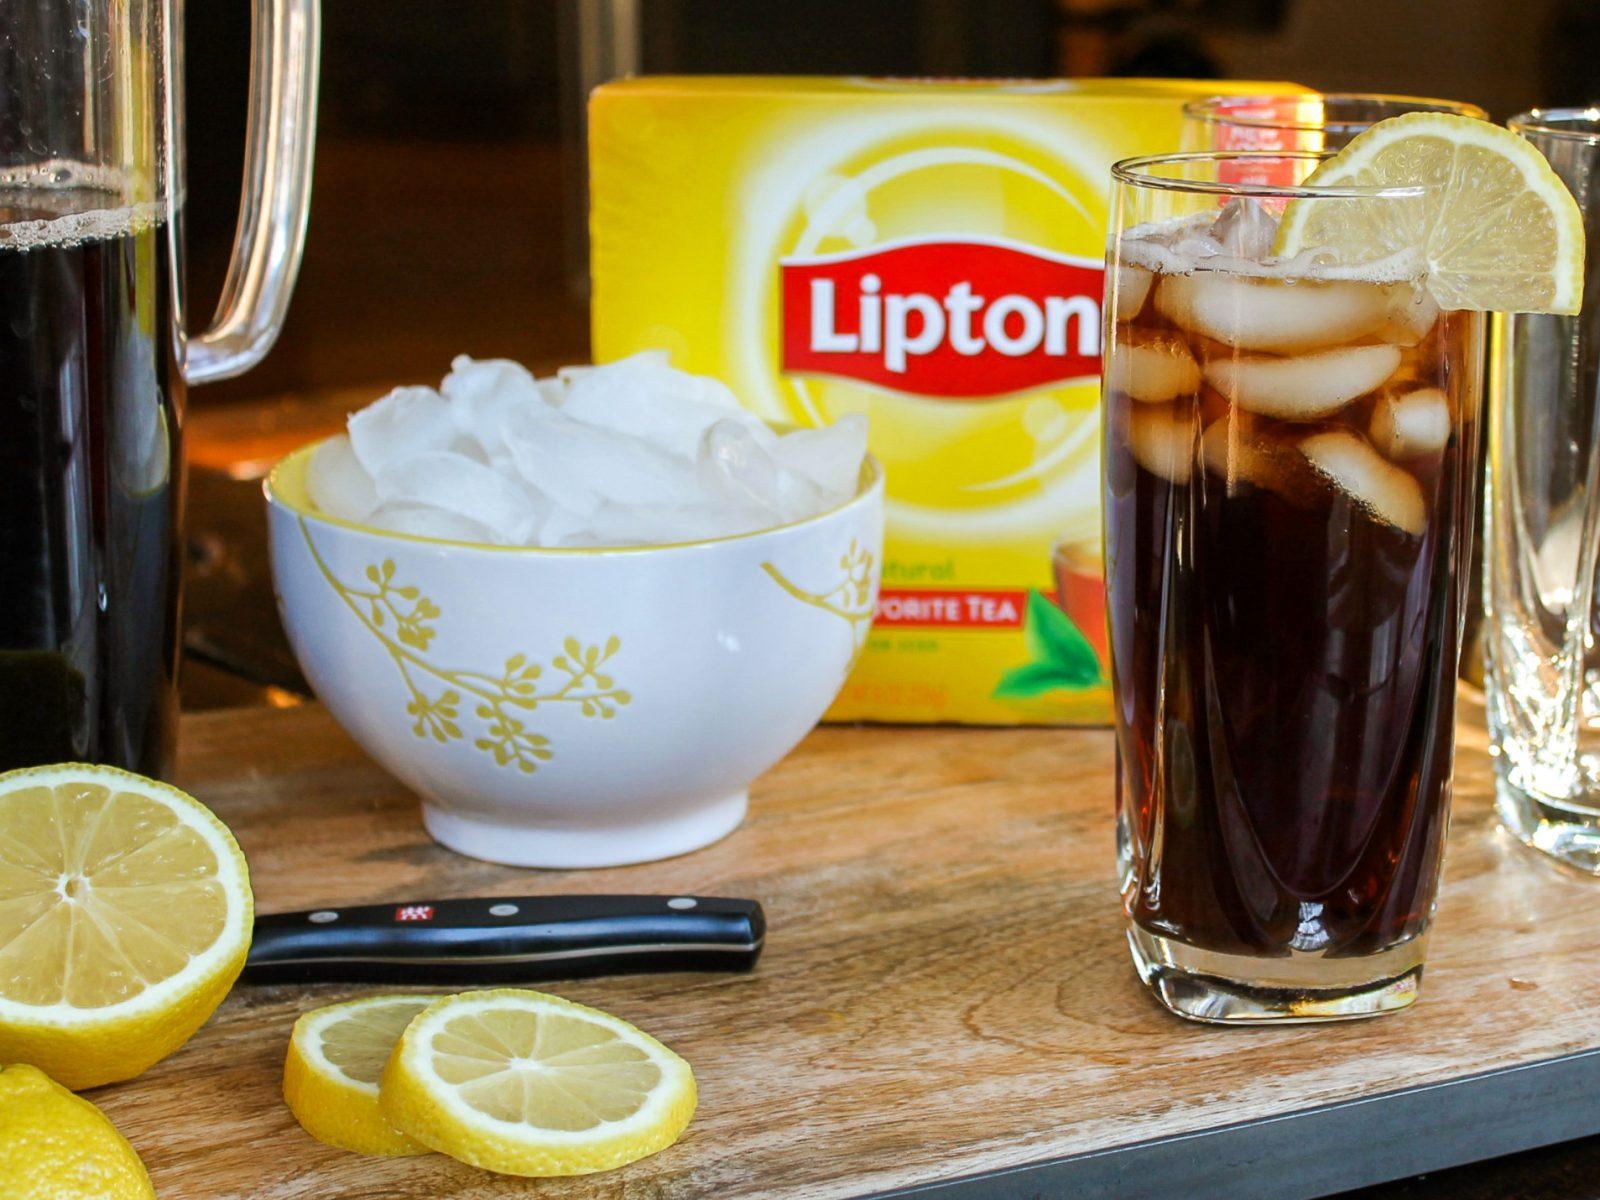 New Lipton Tea Coupon For Publix Sale on I Heart Publix 1